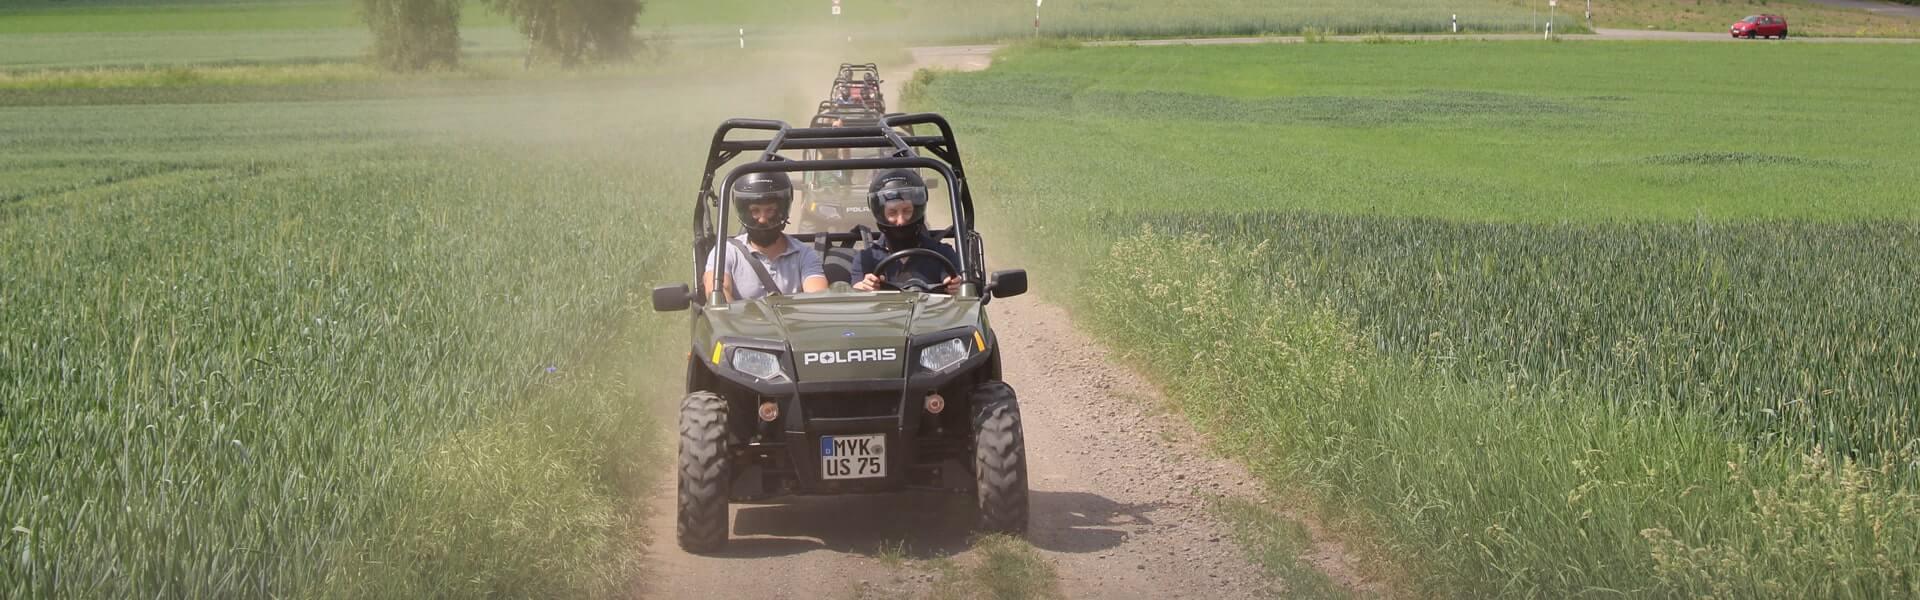 Offroad Abenteuer mit Polaris Fahrzeugen für zwei bis sechs Personen: Das Teamevent mit Adrenalin.